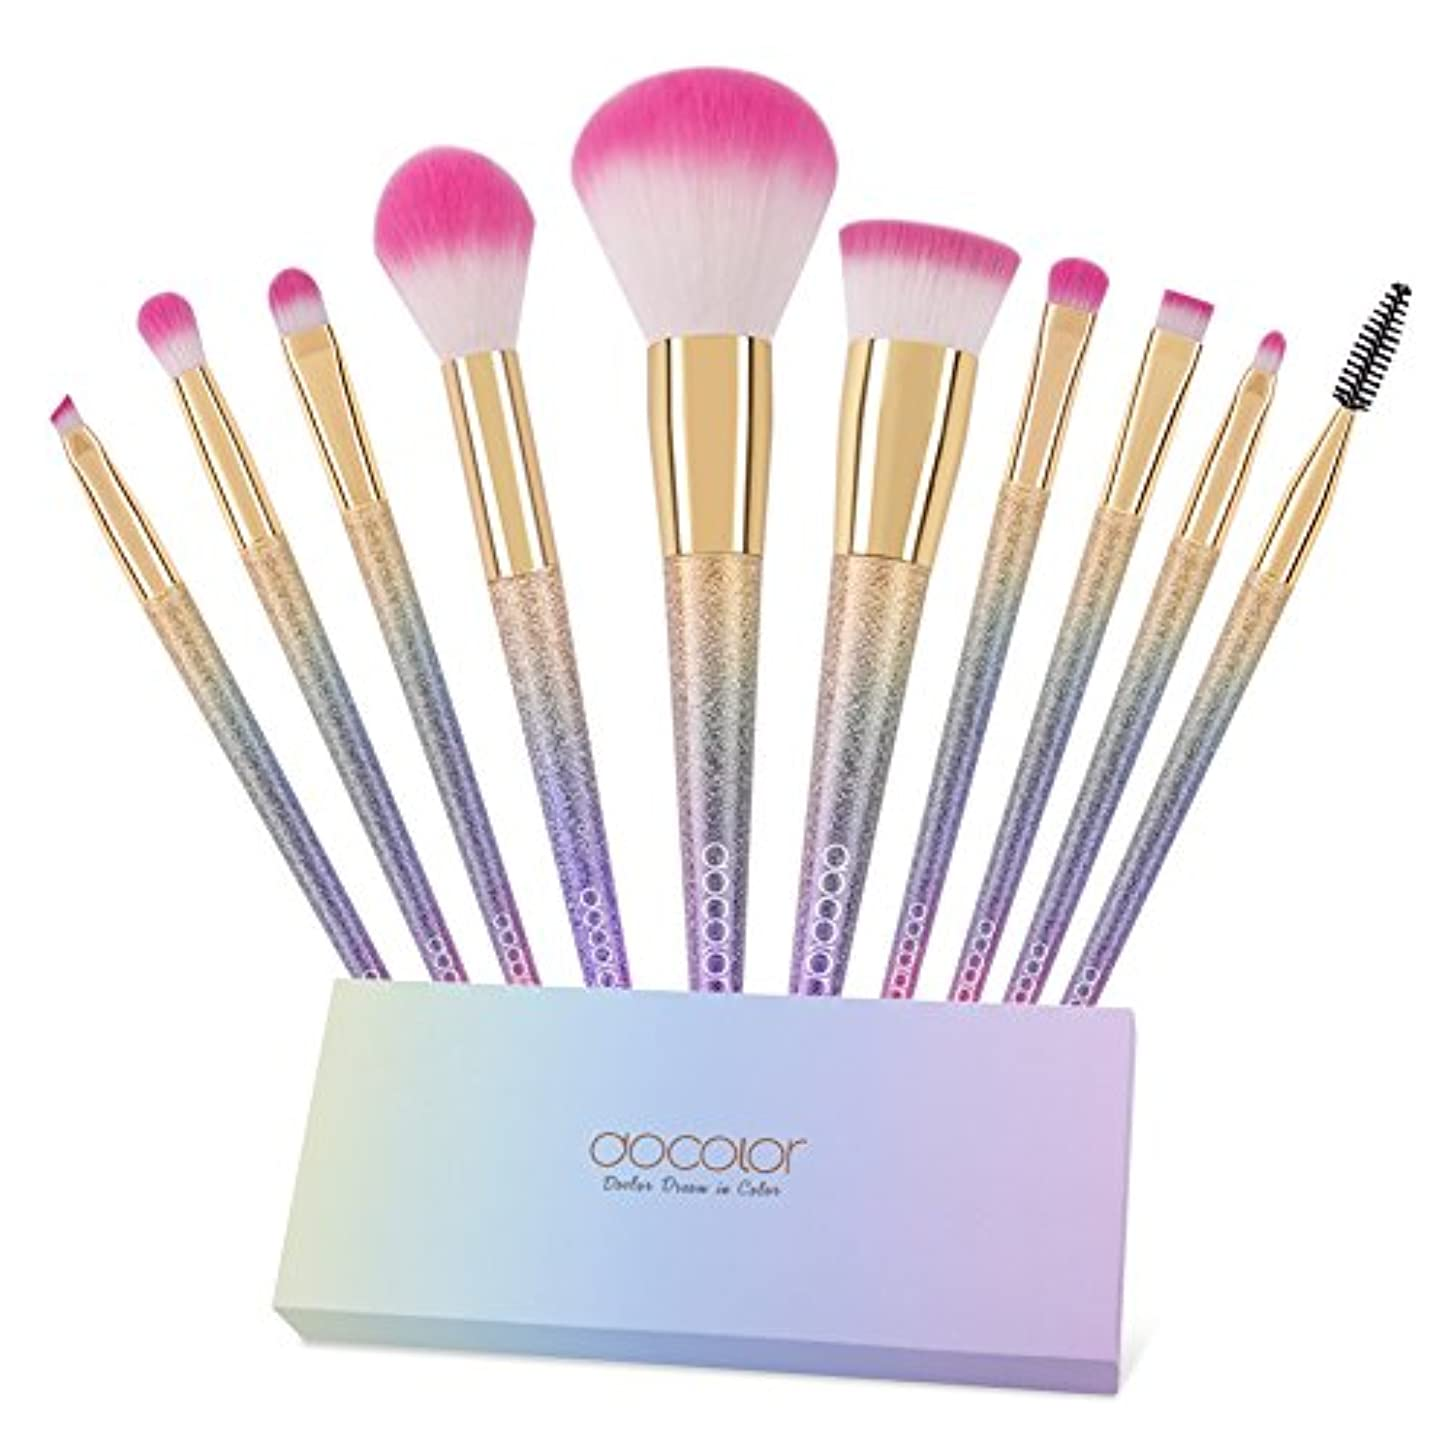 統合するモードリンシーズンドゥカラー Docolor 化粧筆 メイクブラシ 10本セット 欧米で話題のレインボーブラシ 同時発売で日本に登場